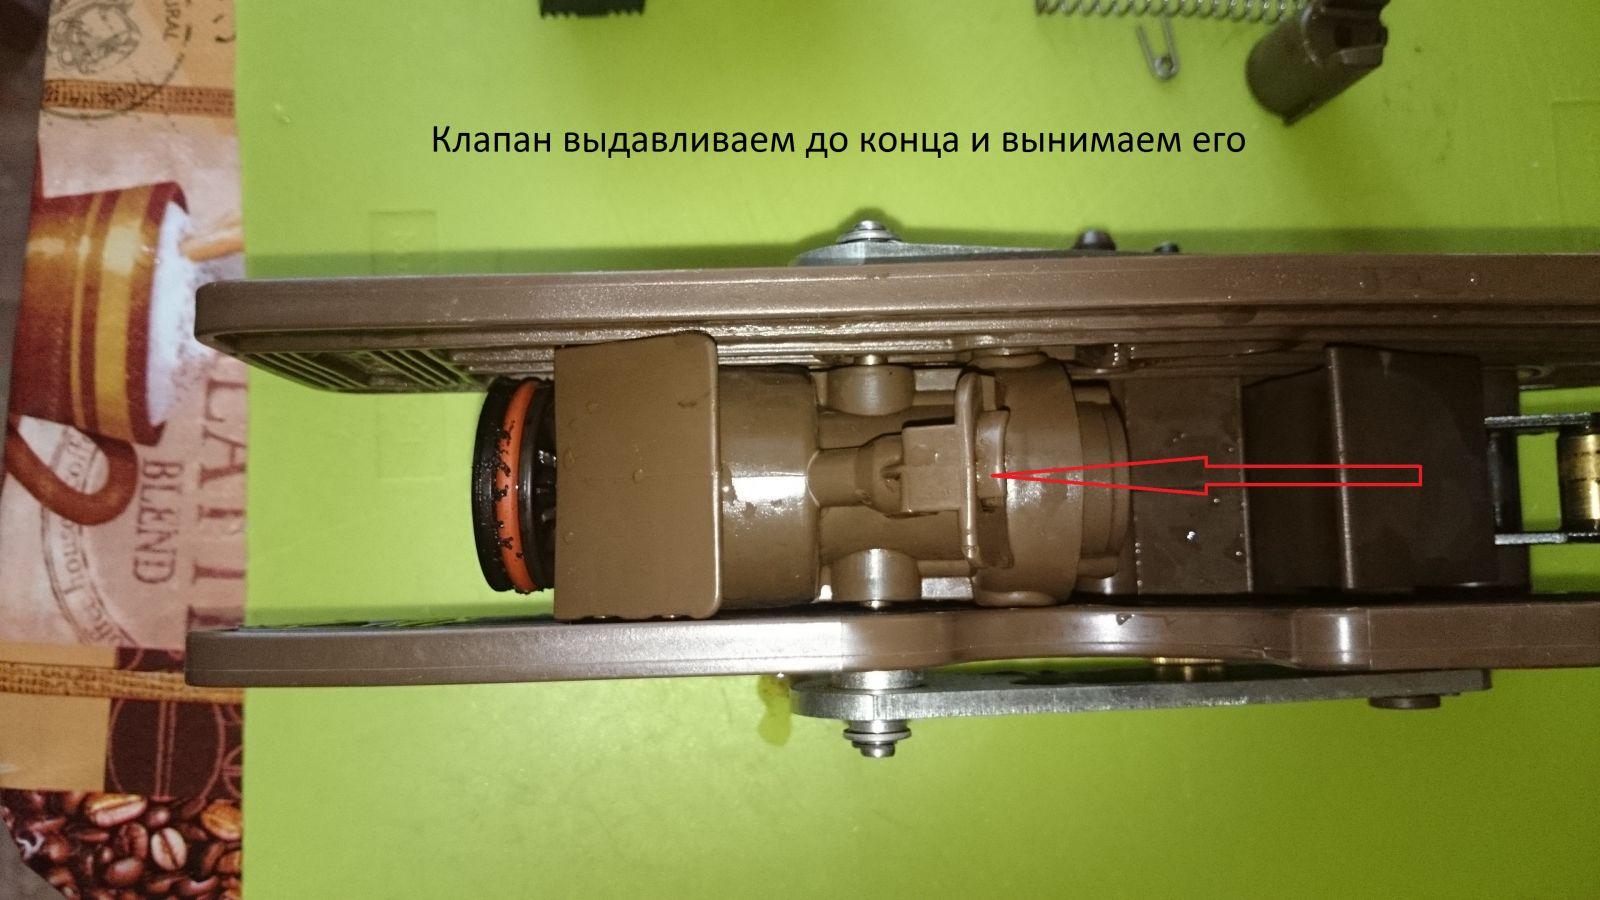 JofKV 8